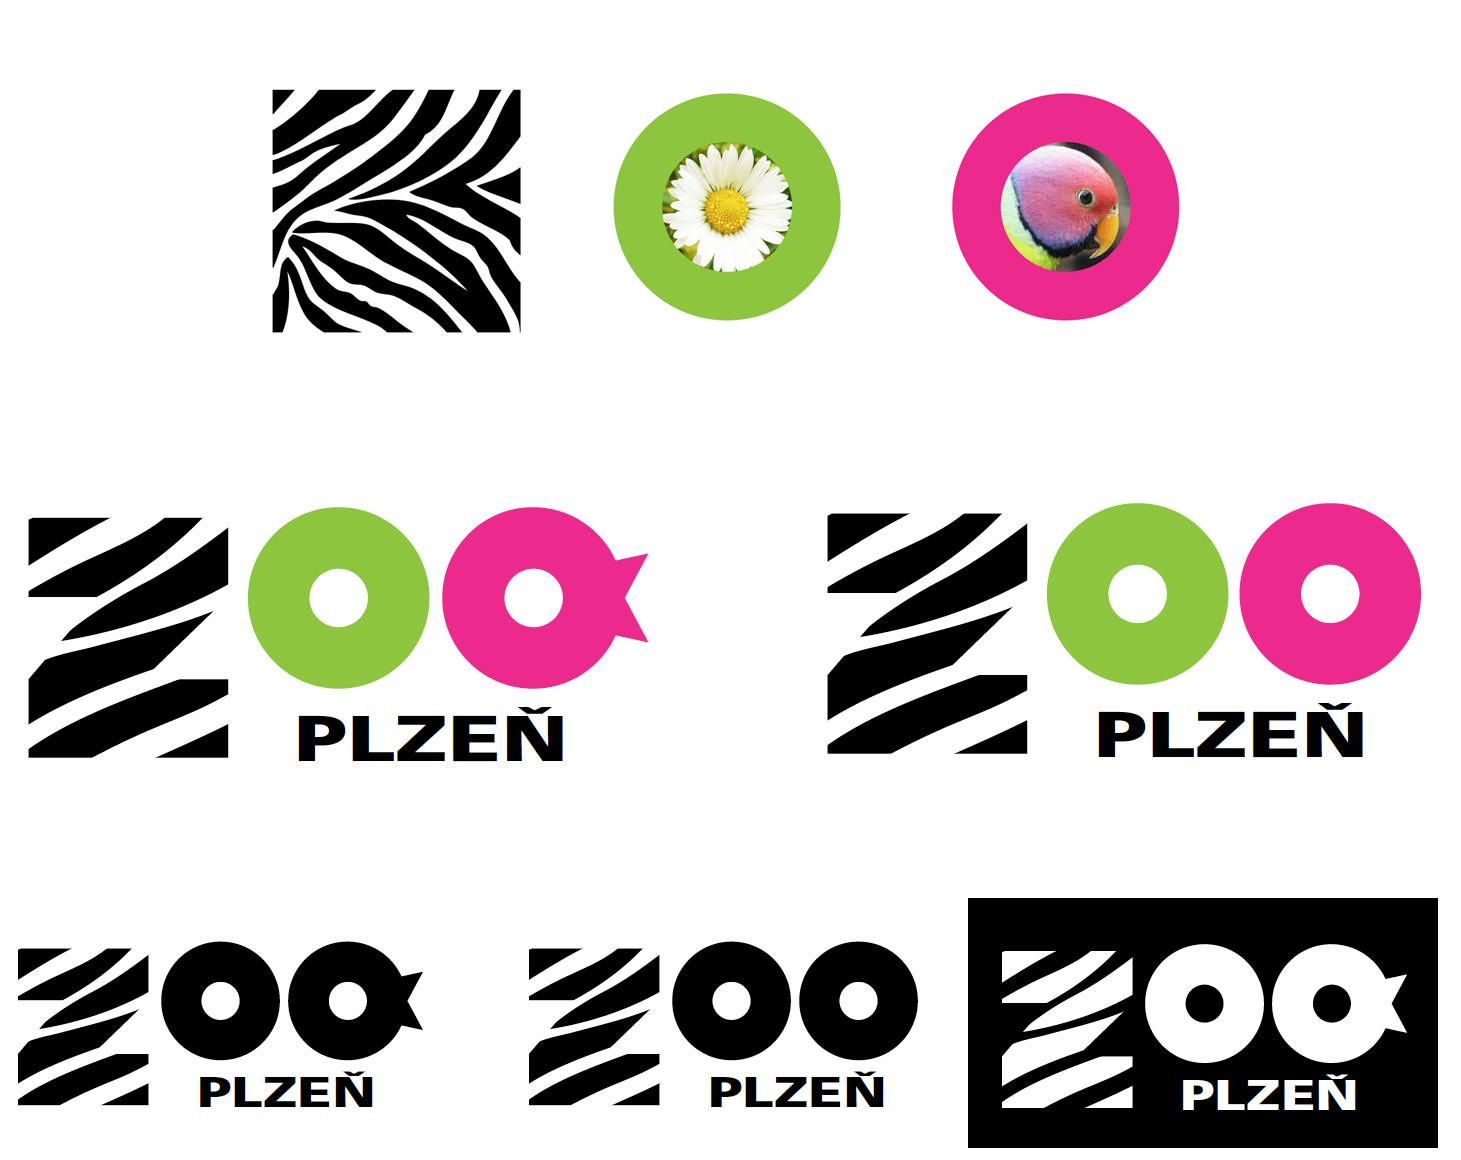 komplet_zoo3.jpg